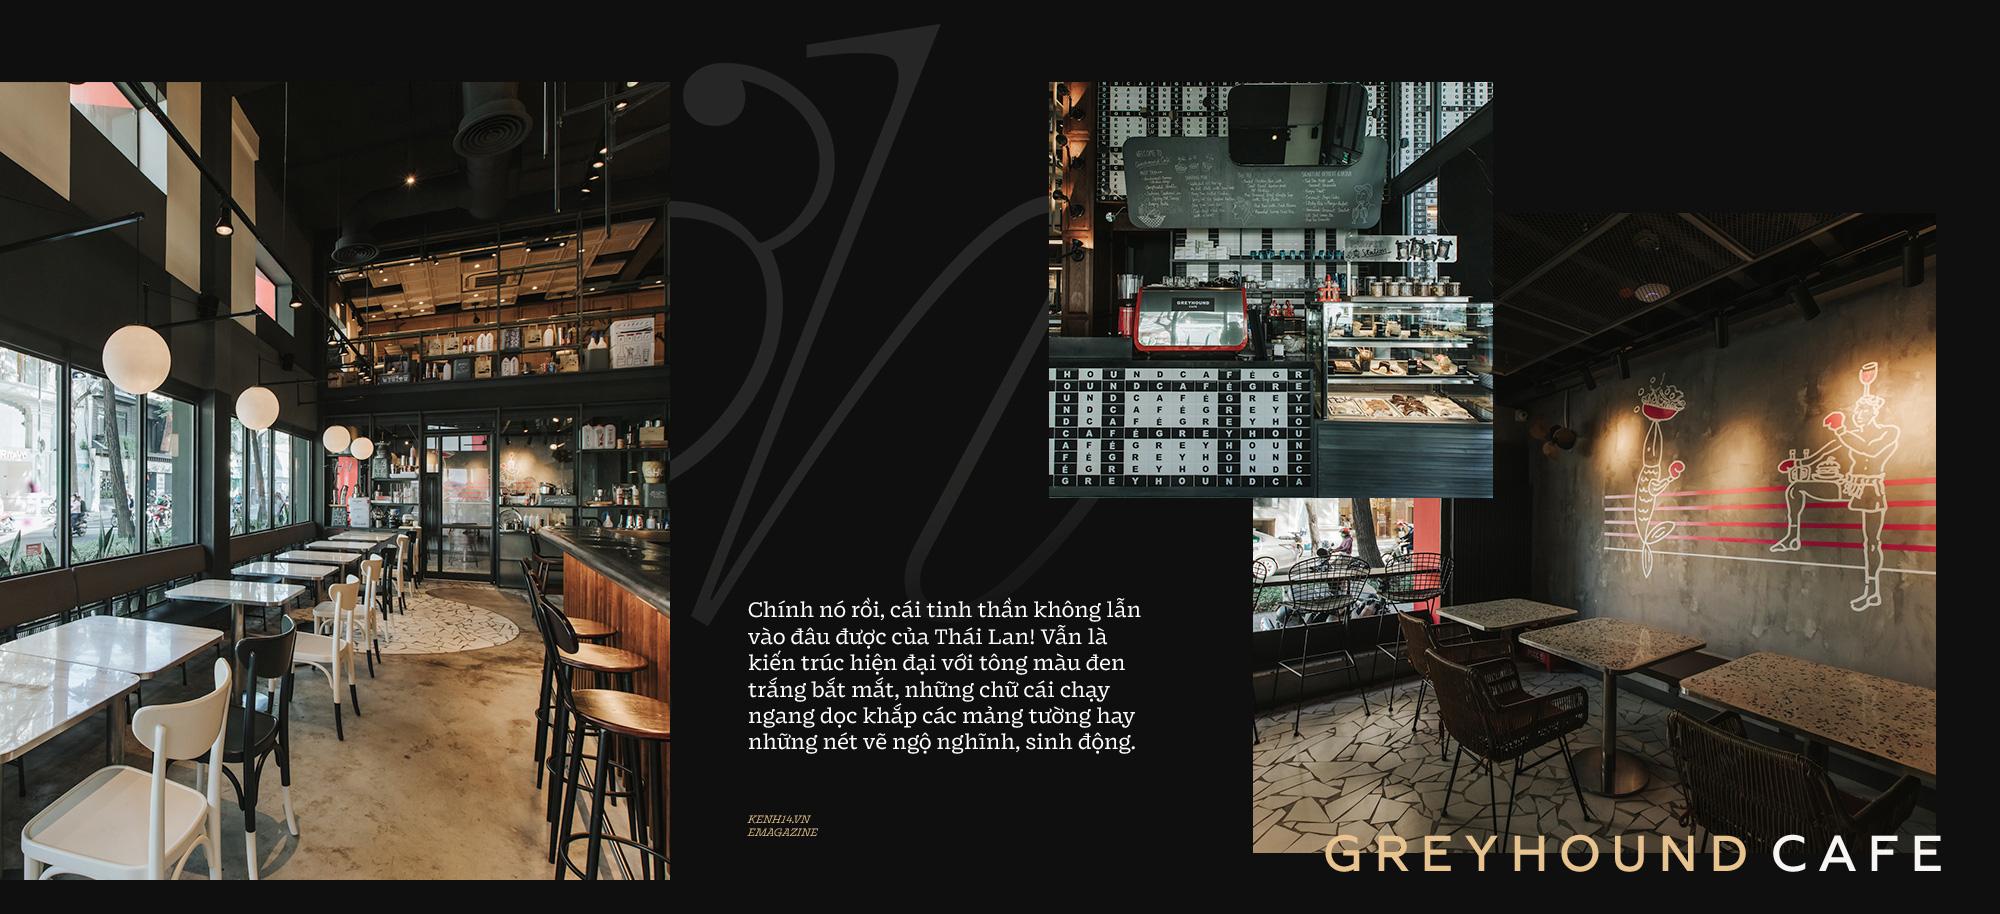 Dành cho hội Thai-aholic: Greyhound - Thương hiệu cafe kết hợp thời trang đình đám nhất xứ sở chùa vàng đã về đến Sài Gòn rồi đây! - Ảnh 6.